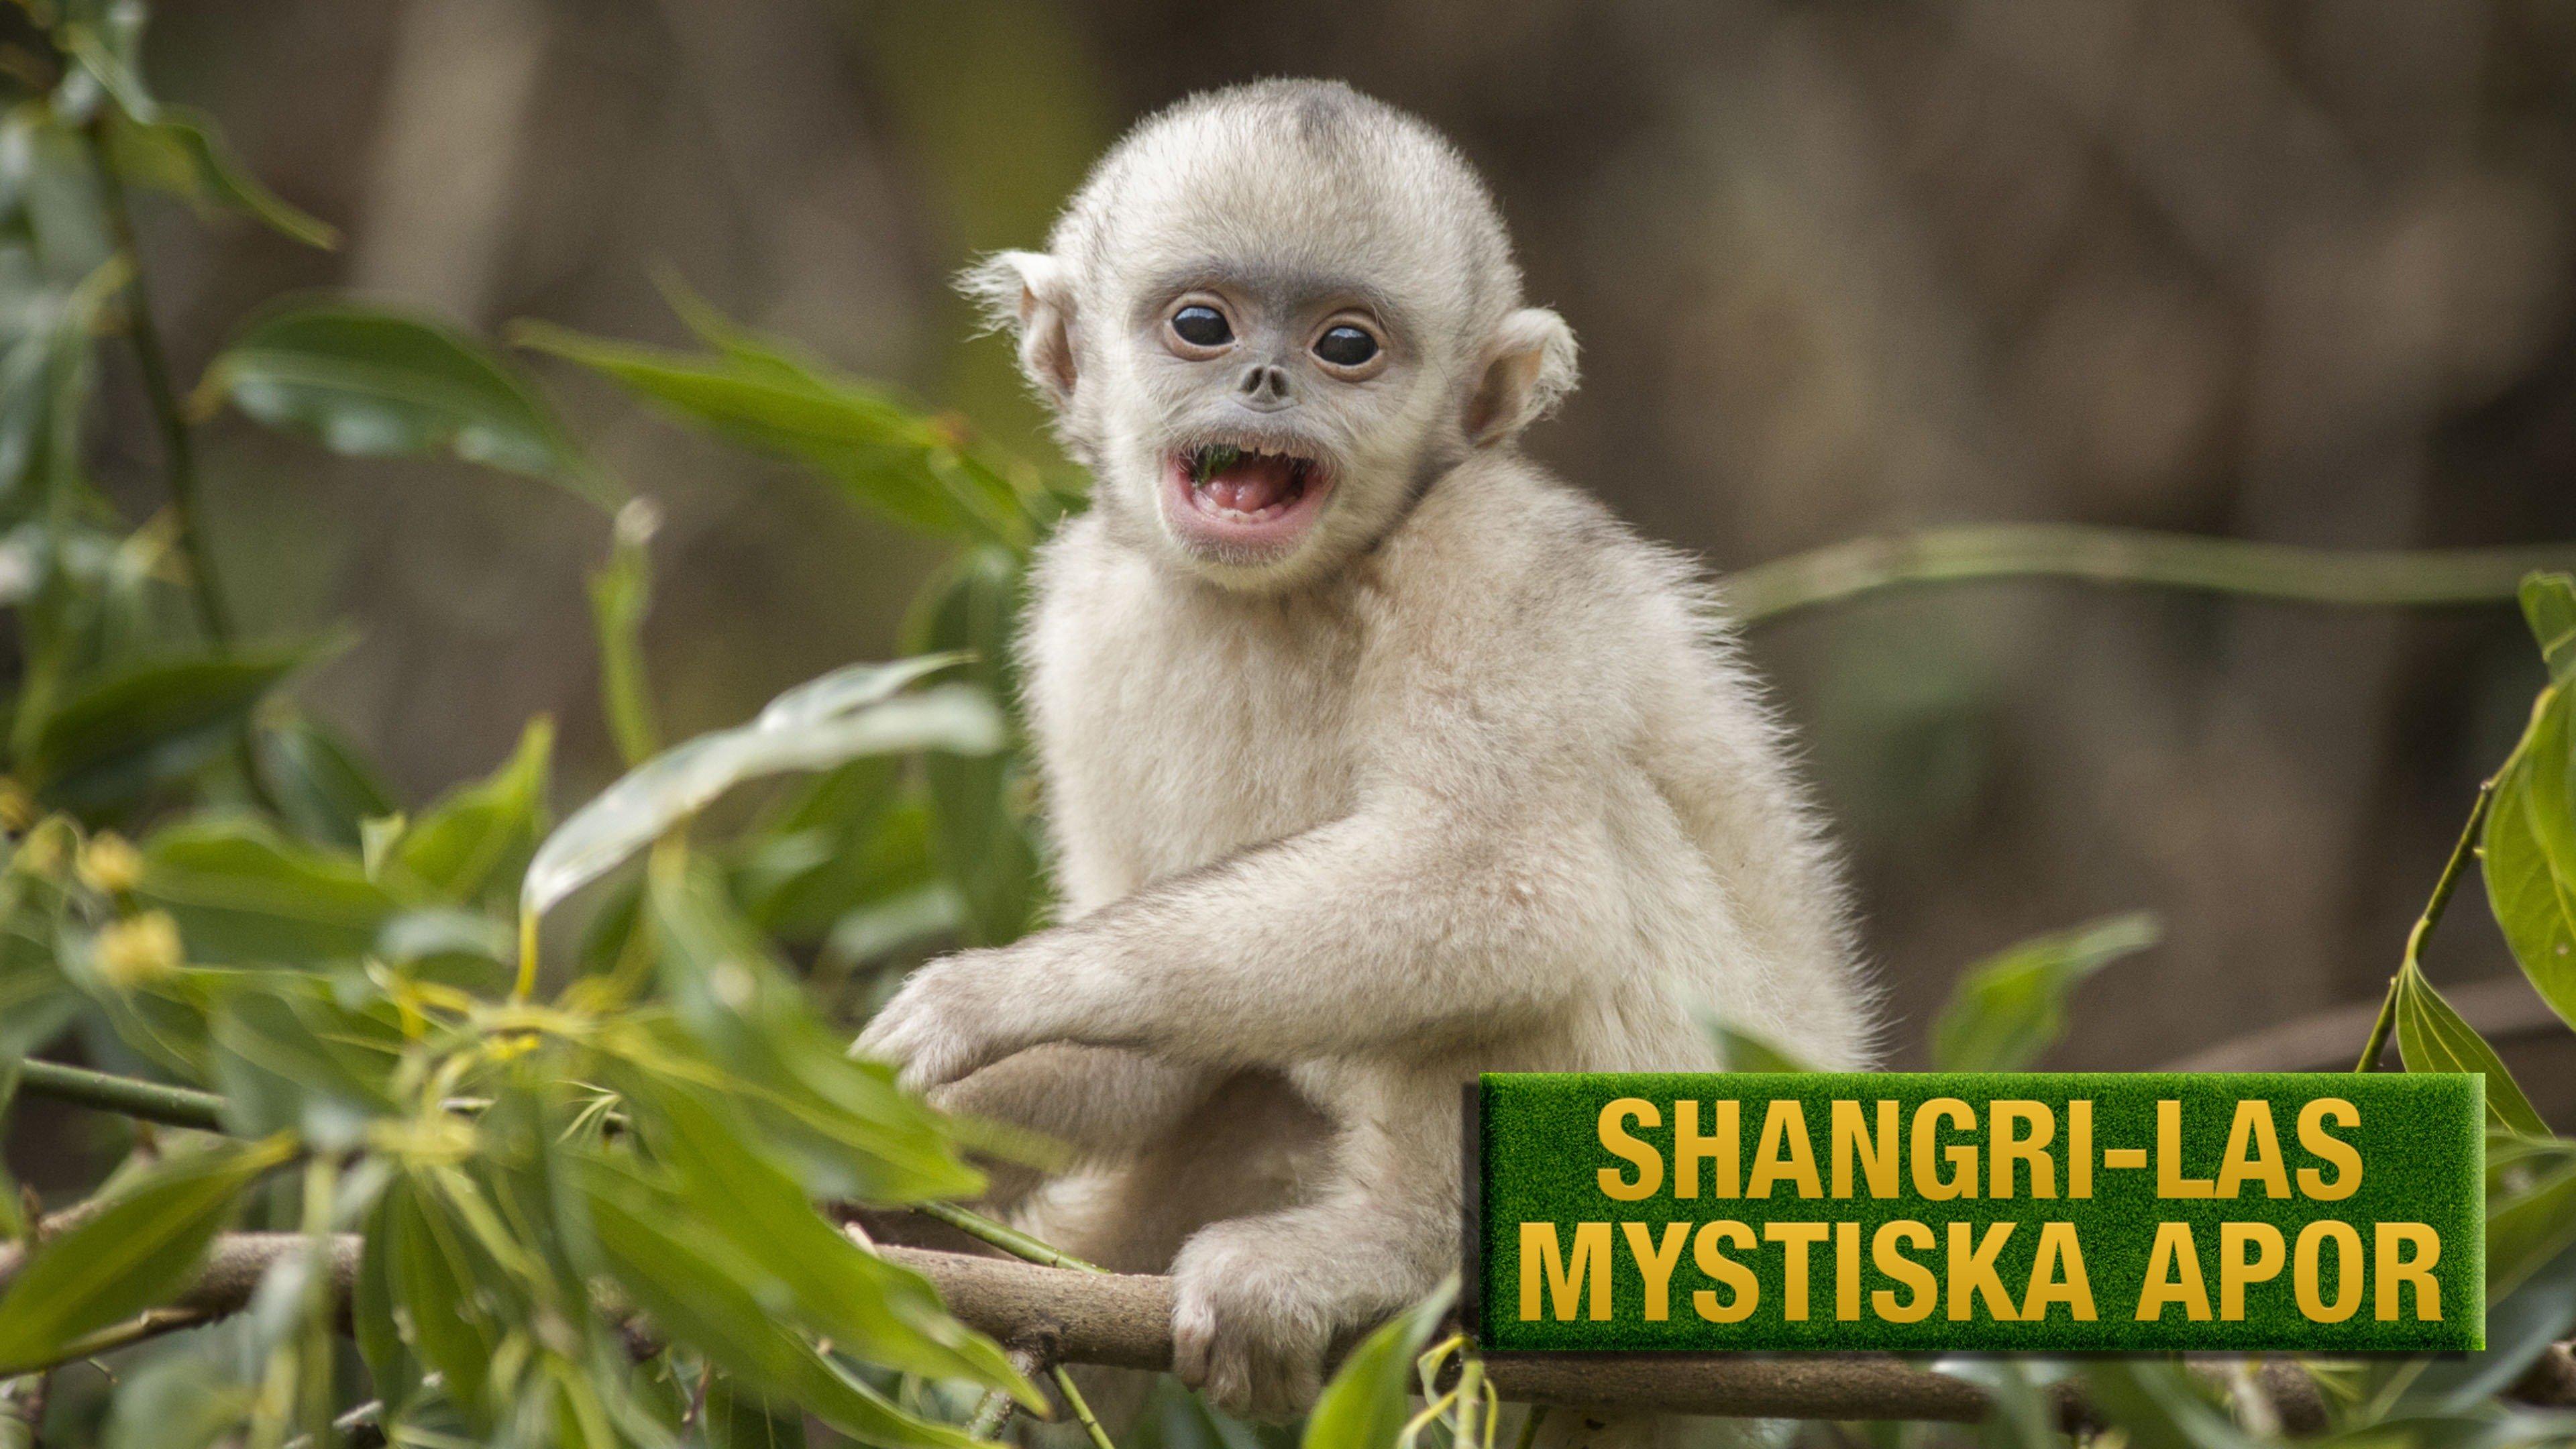 Shangri-Las mystiska apor